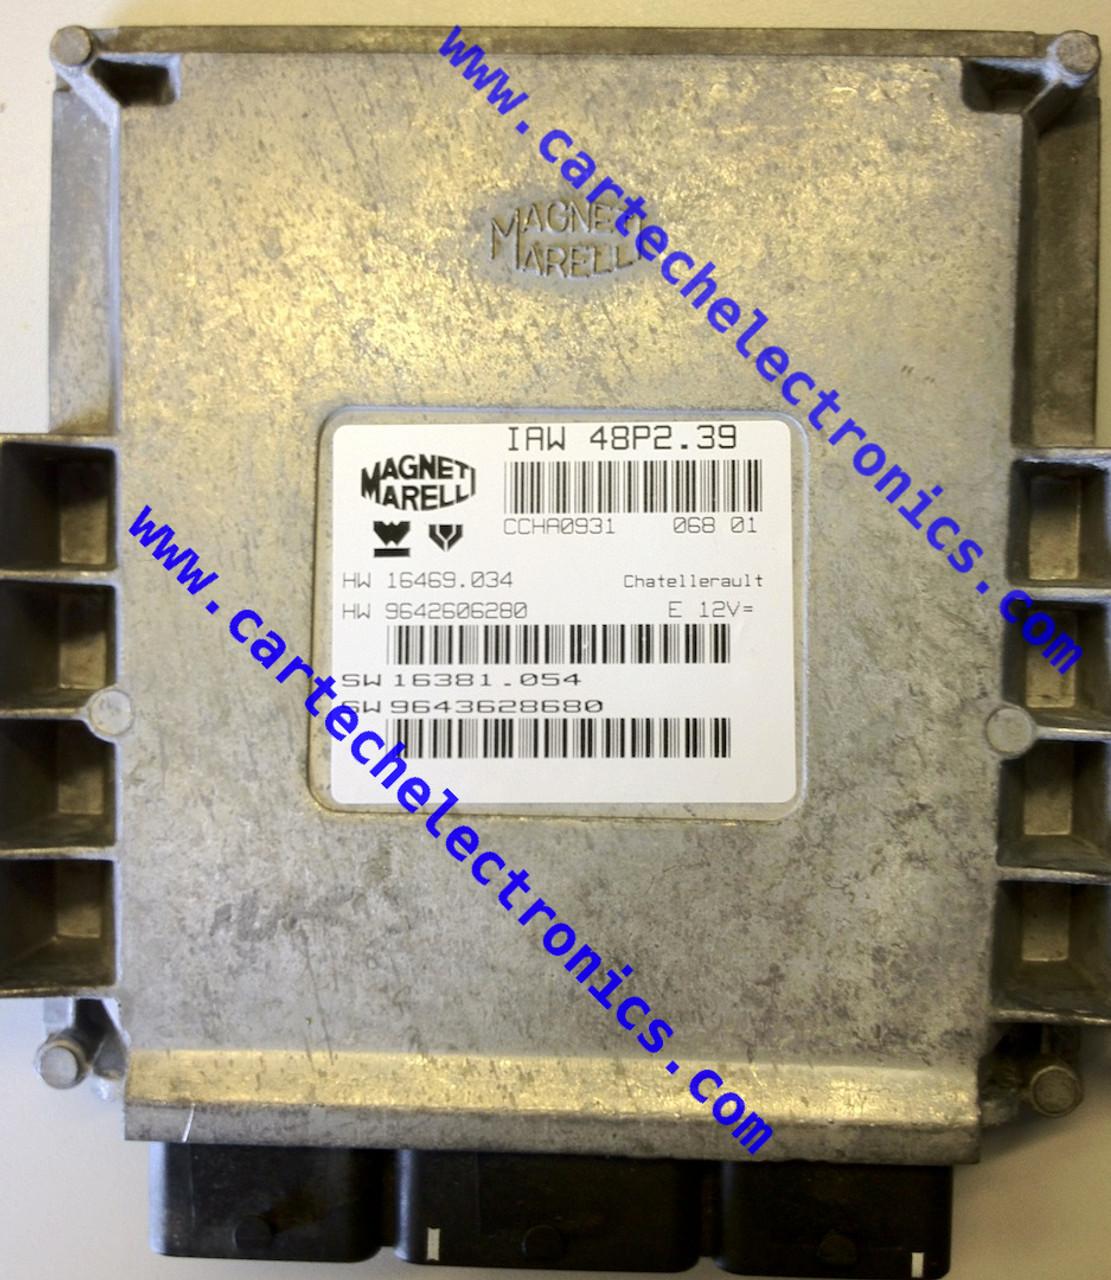 Plug & Play Engine ECU, Magneti Marelli, IAW 48P2.39, HW 16469.034, HW 9642606280, SW 16381.054, SW 9643628680